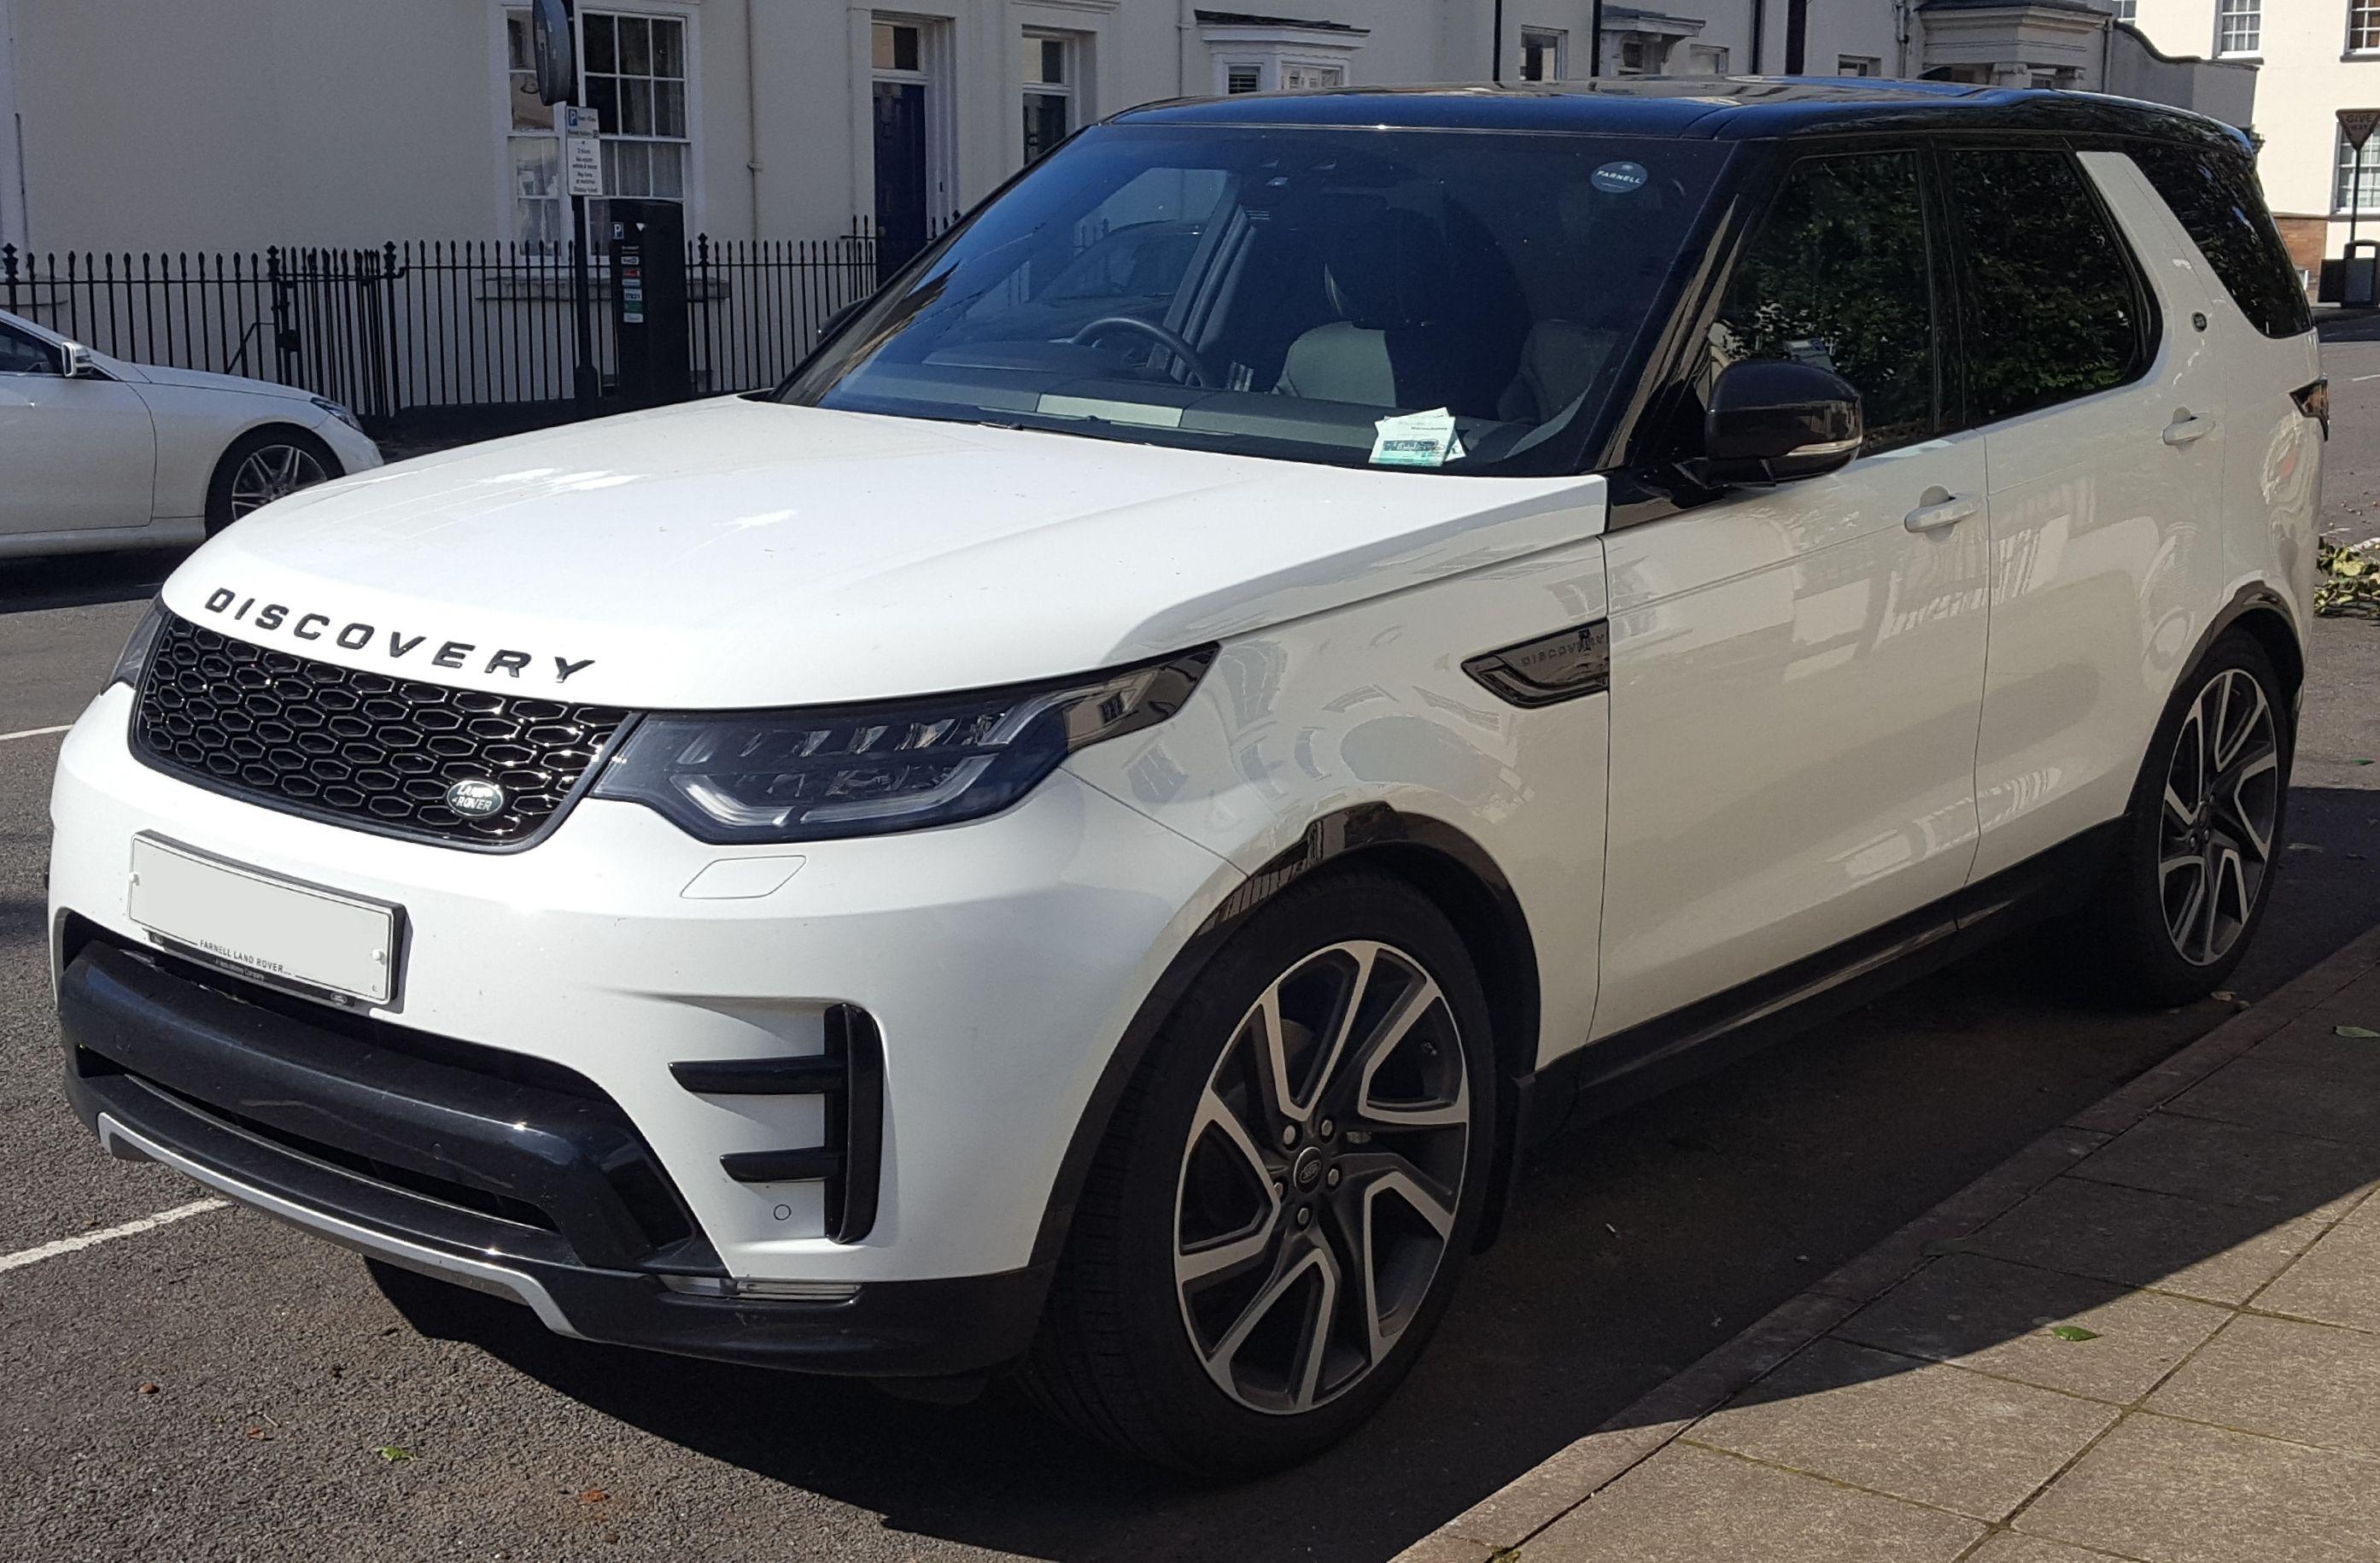 Похожее изображение Land Rover Land Rover Discovery Hse Land Rover Discovery